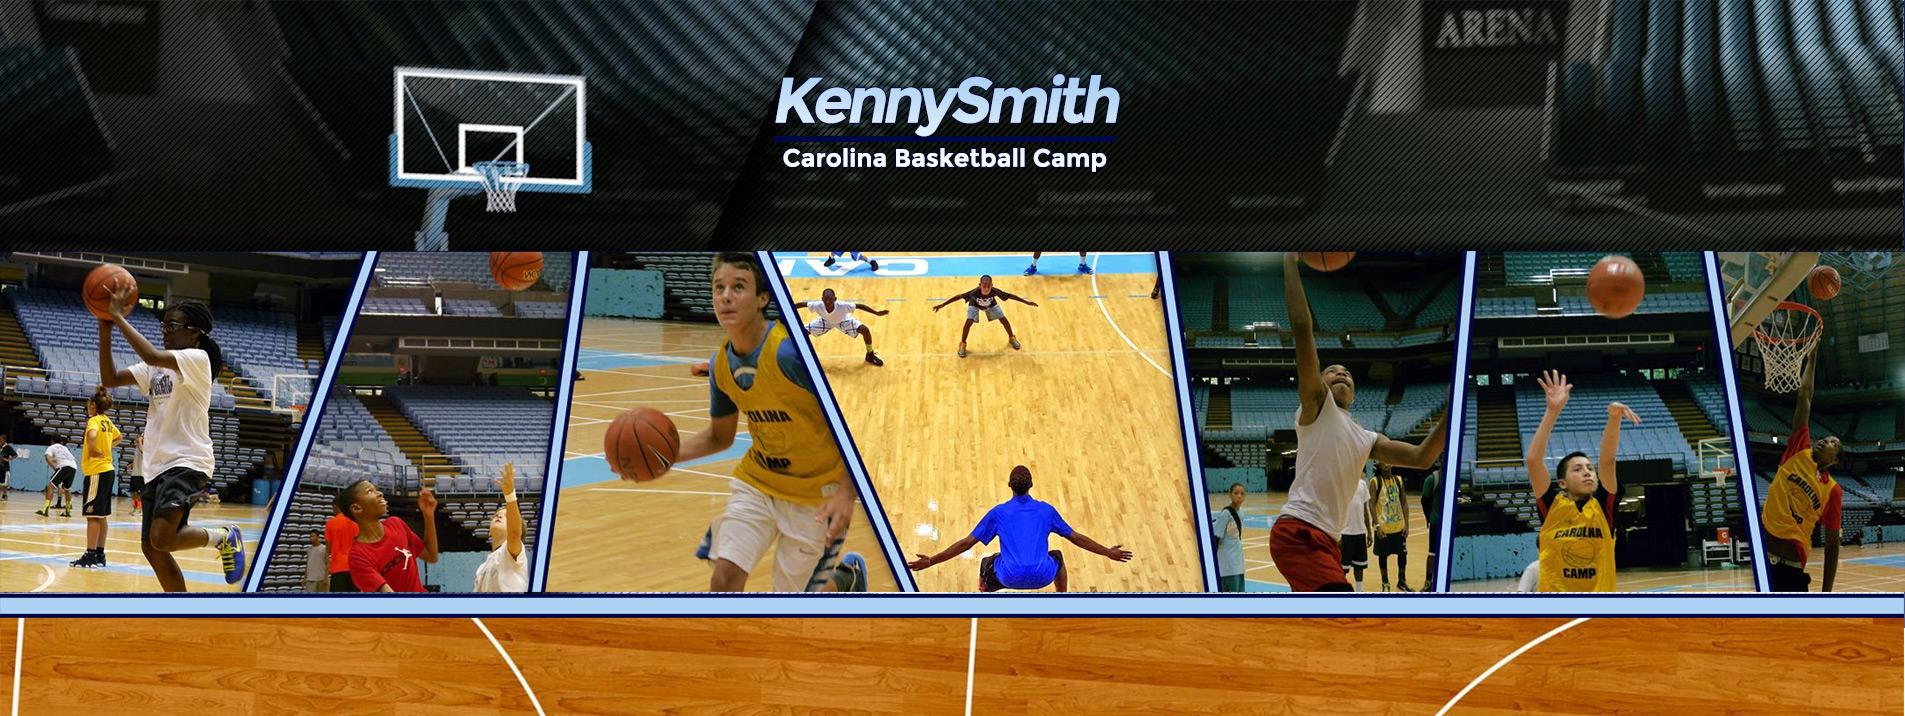 kenny-smith-hero